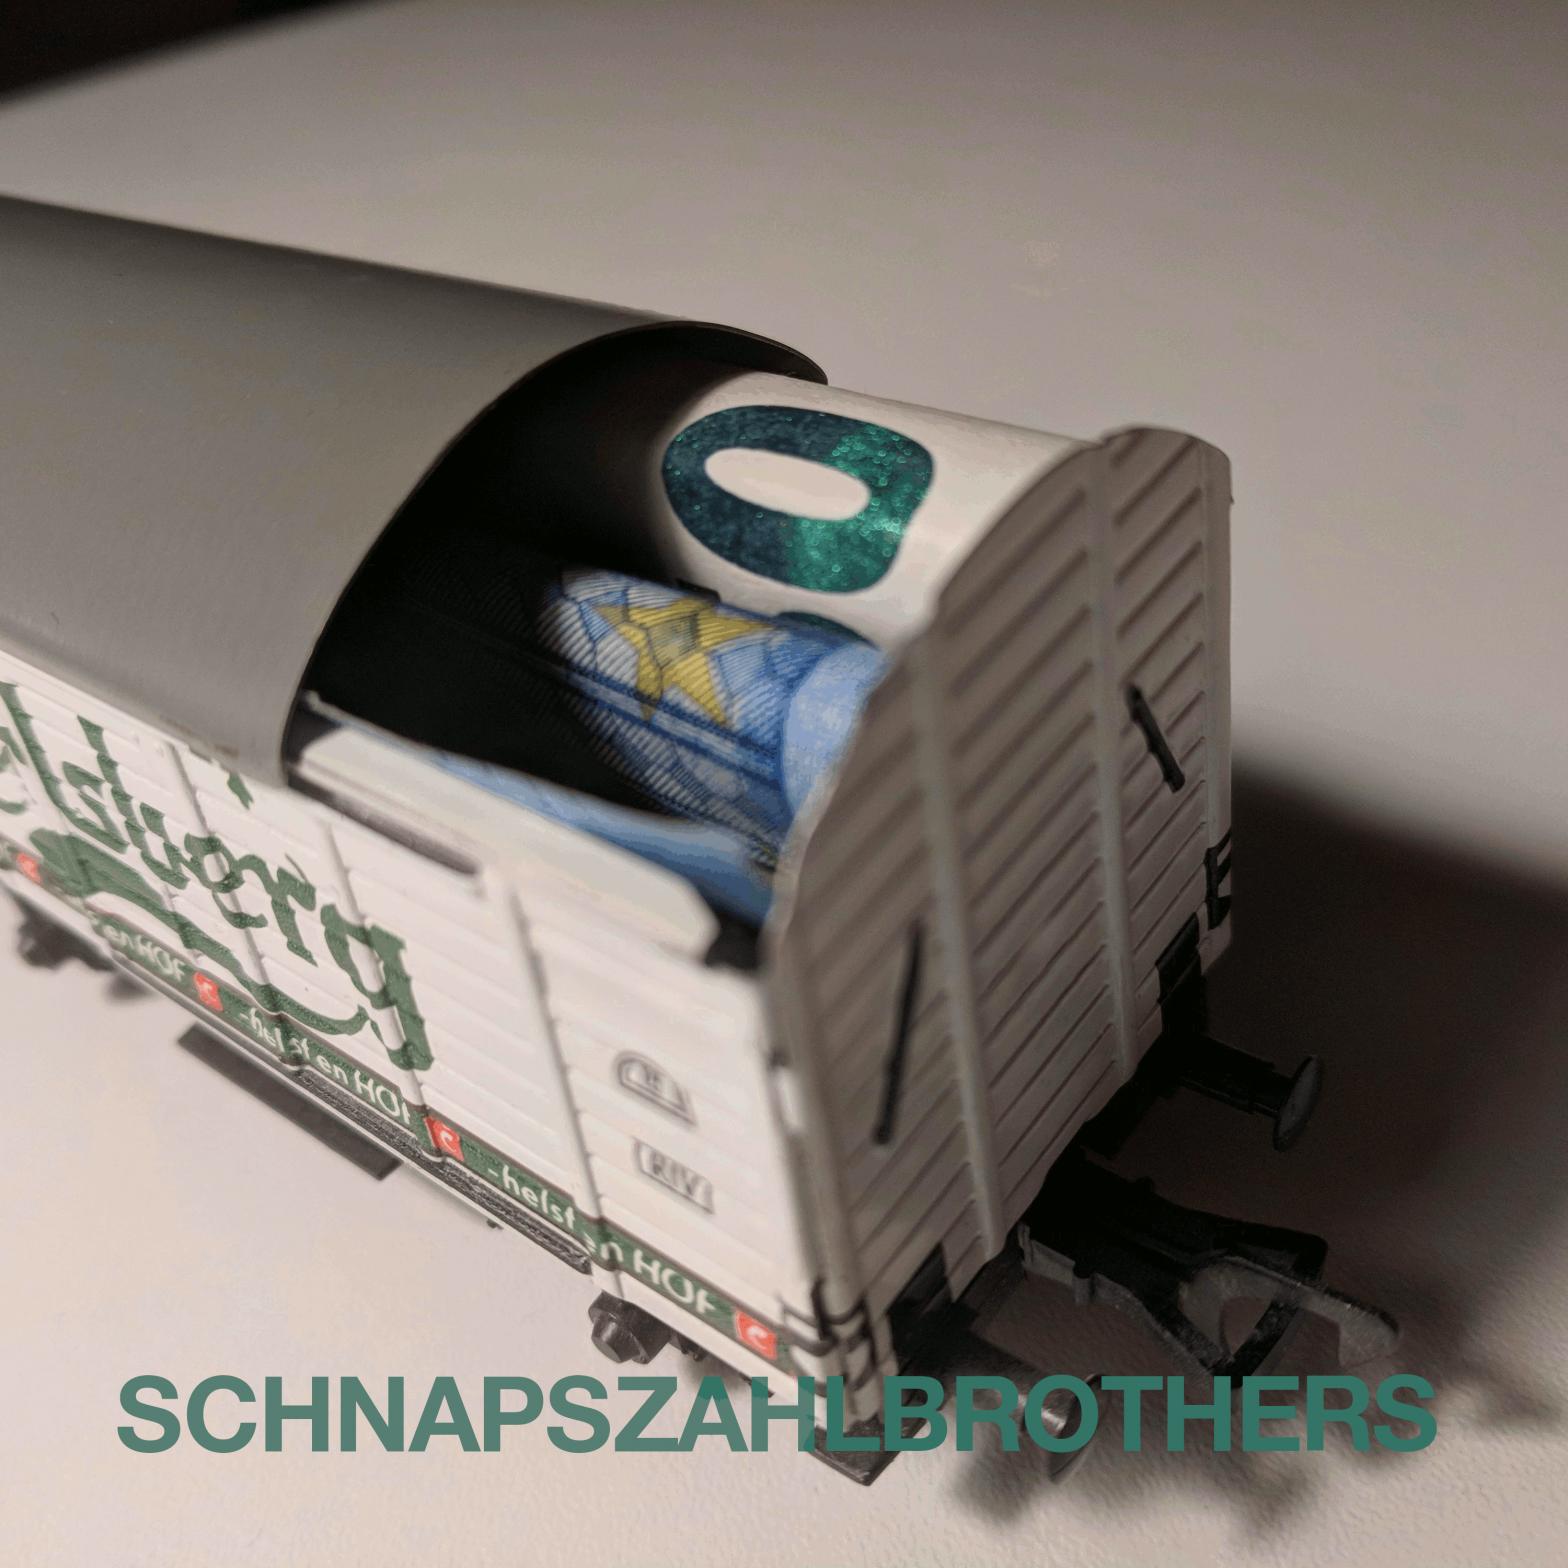 Ein Modellbahnwagen (Spurweite H0) mit Carlsberg-Bierwerbung. Das Dach ist beiseitegeschoben und ein 20 Euro-Schein lugt heraus.